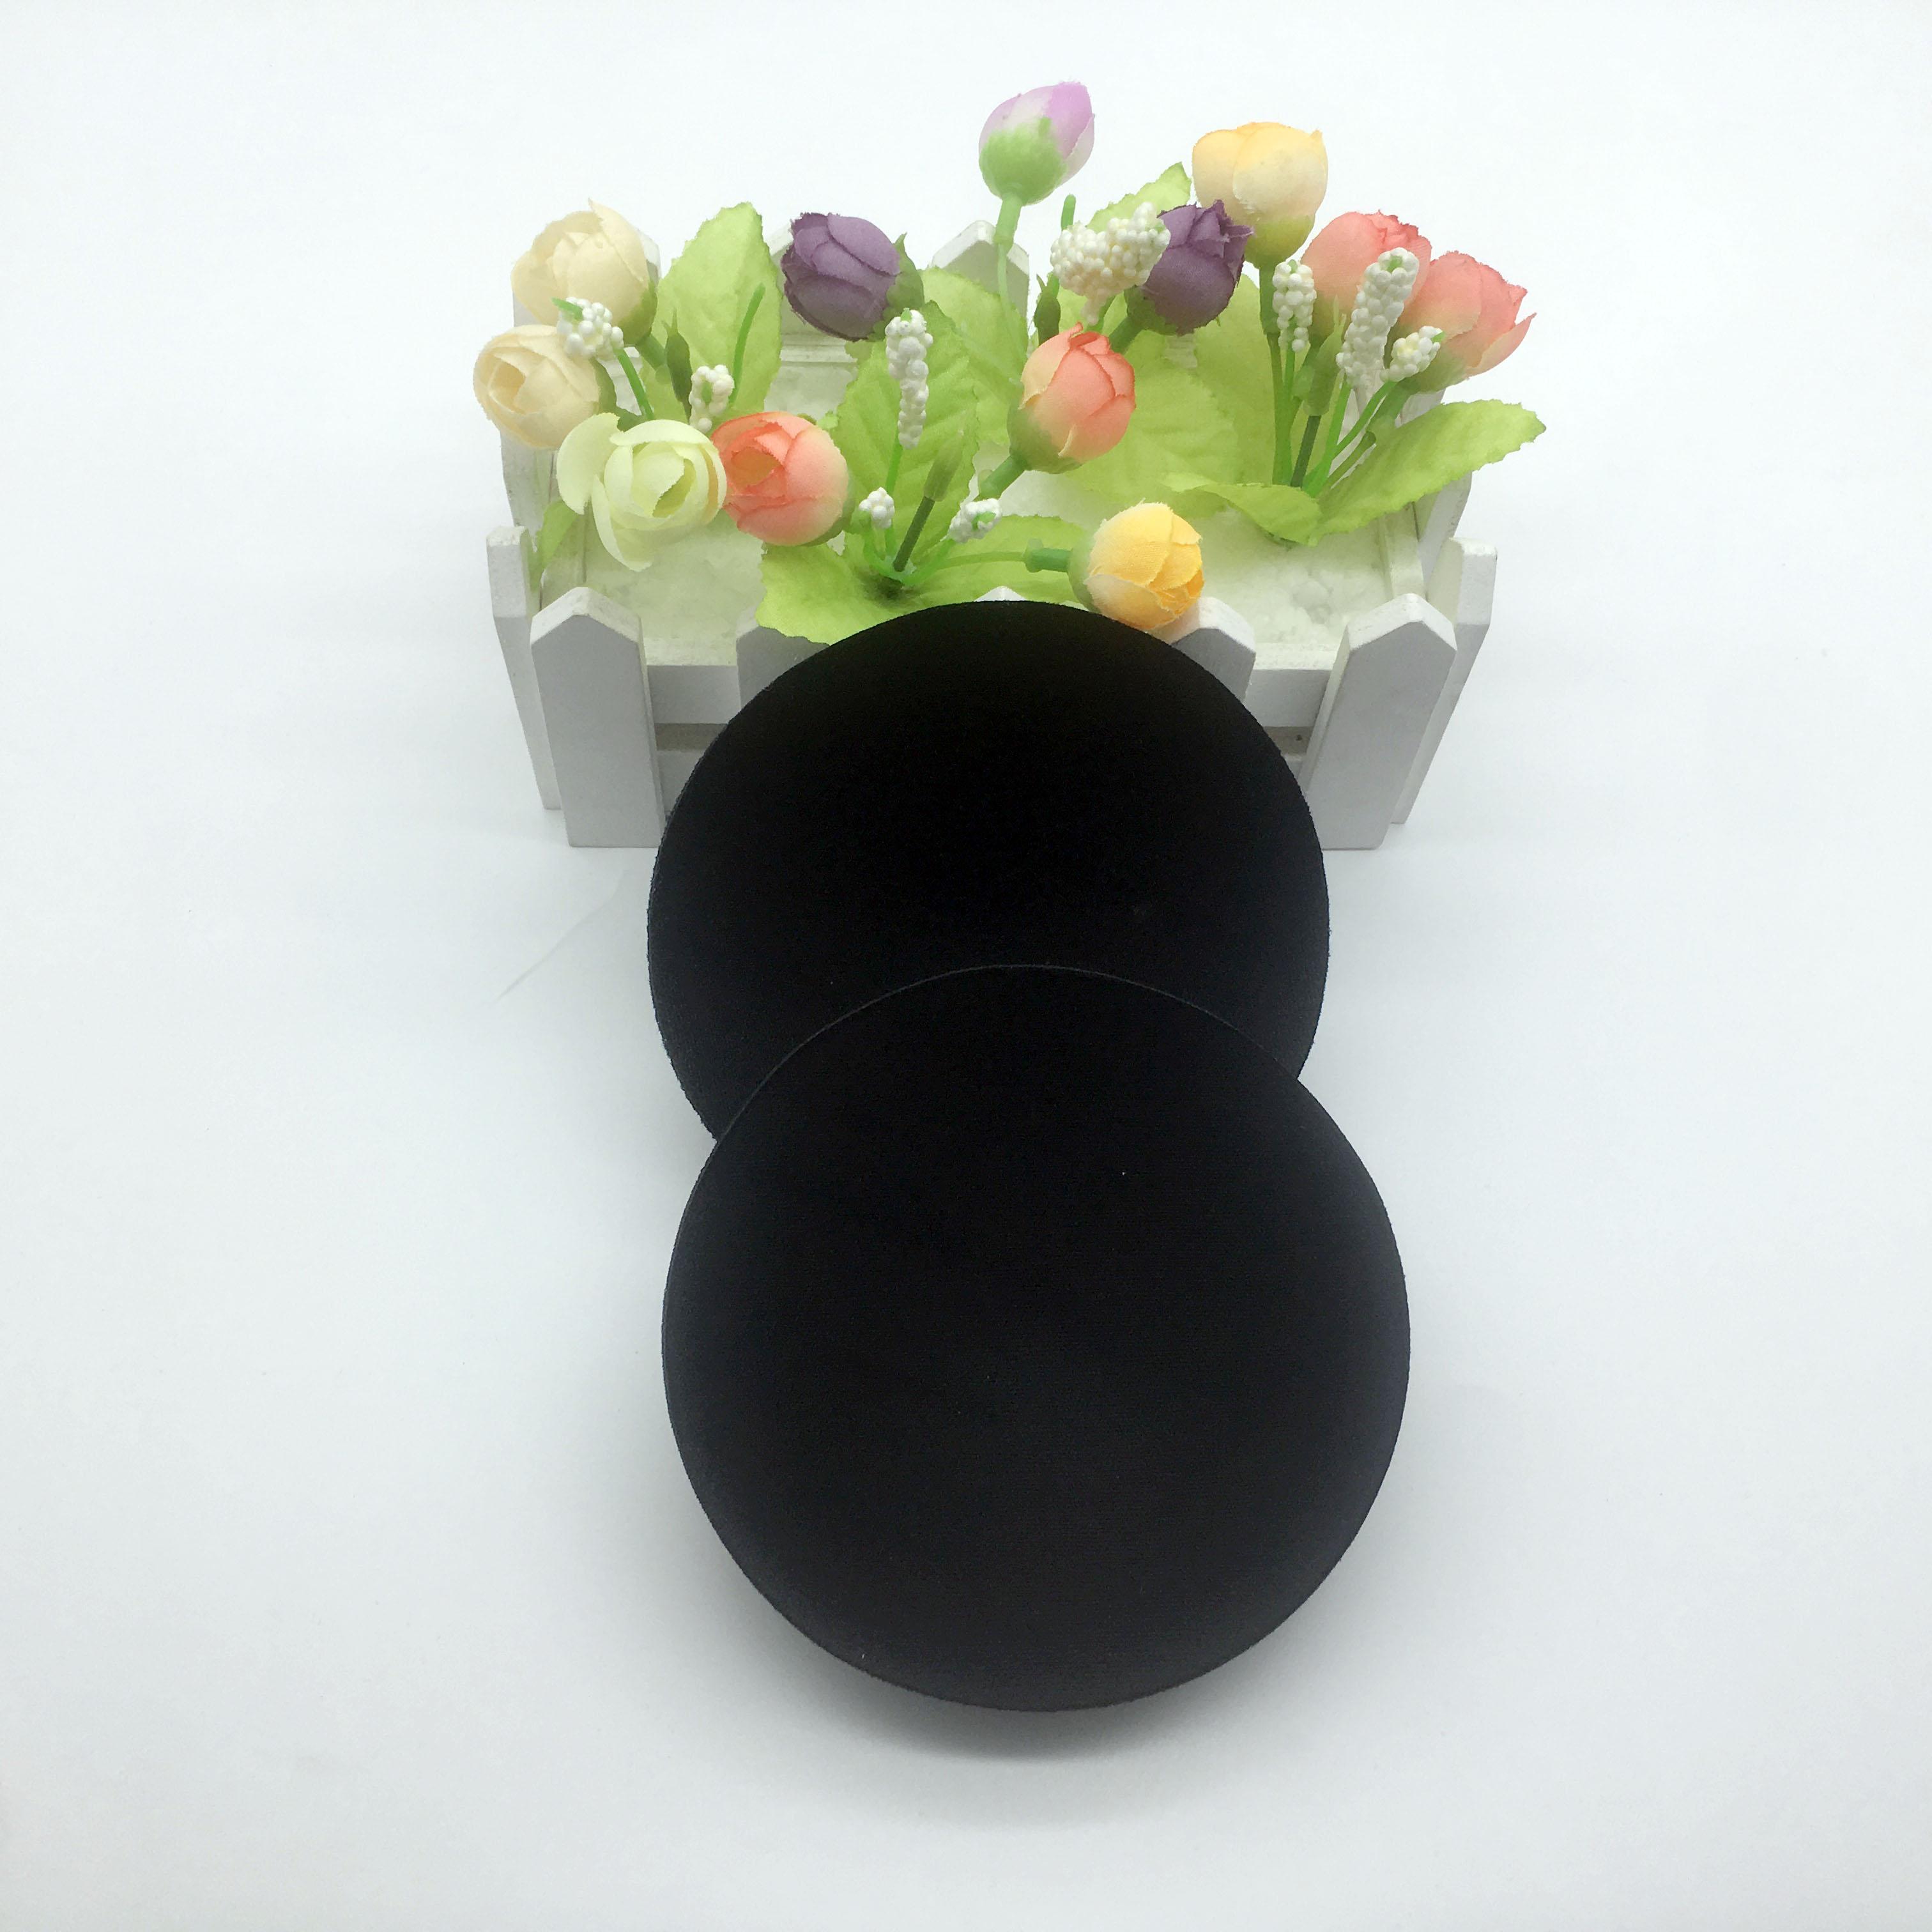 Sutiã de amamentação Almofada lavável Reutilizáveis personalizado, Orgânica De Bambu sutiã De Amamentação almofada para maiô, almofada do copo do sutiã invisível Inserção de Silicone macio